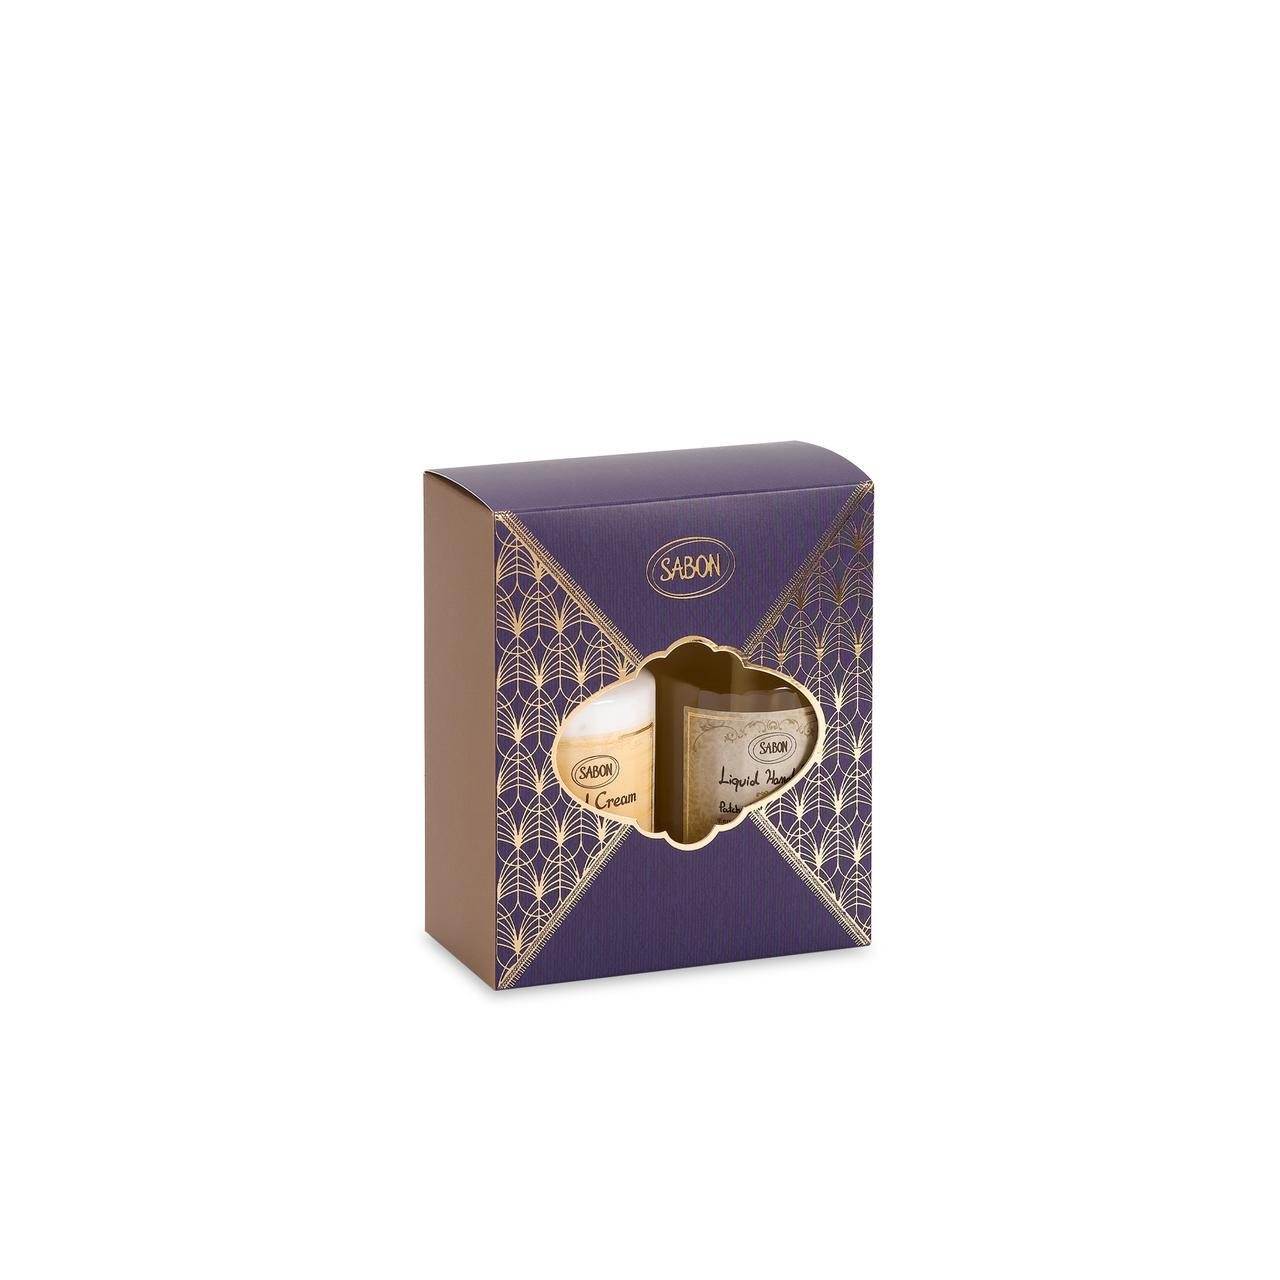 画像: 「ハンドケア デュオ」¥4,730(税込)<内容は右から> 内容:「ハンドソープ」200mL 「ハンドクリーム」200mL「ボックス」香りはパチュリ・ラベンダー・バニラ/デリケート・ジャスミン/グリーン・ローズの3種から選んで